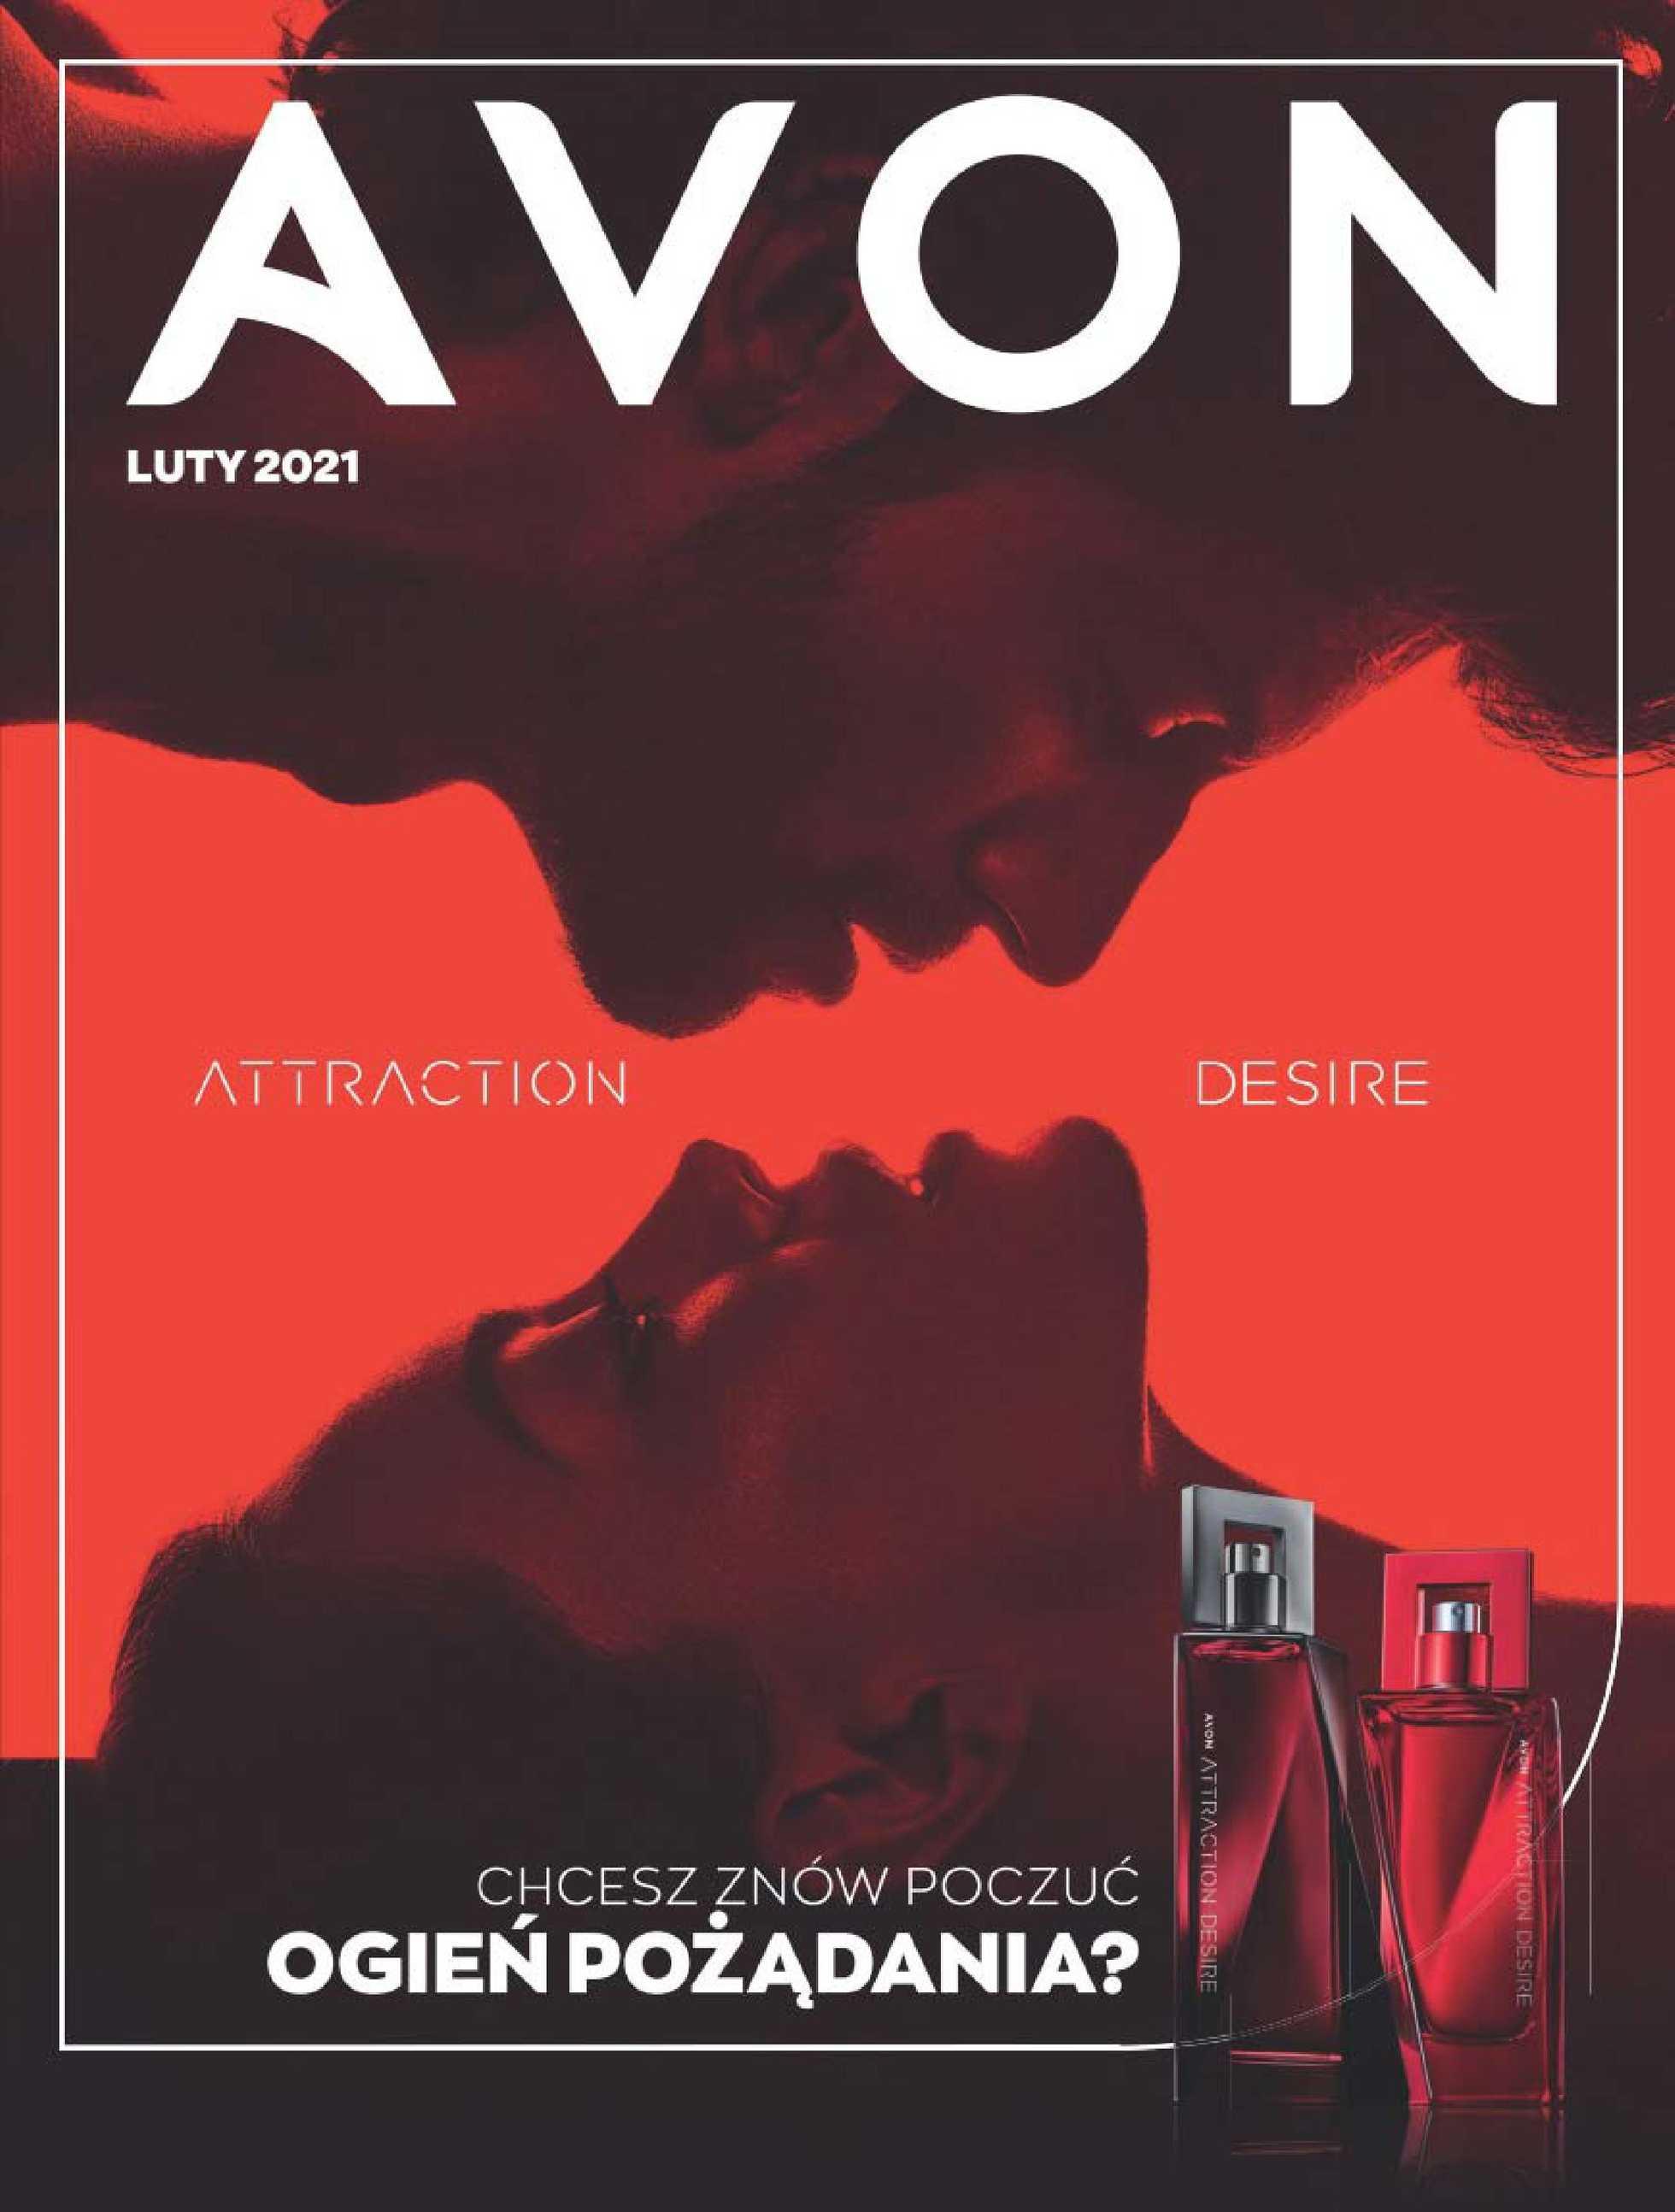 Avon - gazetka promocyjna ważna od 01.02.2021 do 28.02.2021 - strona 1.